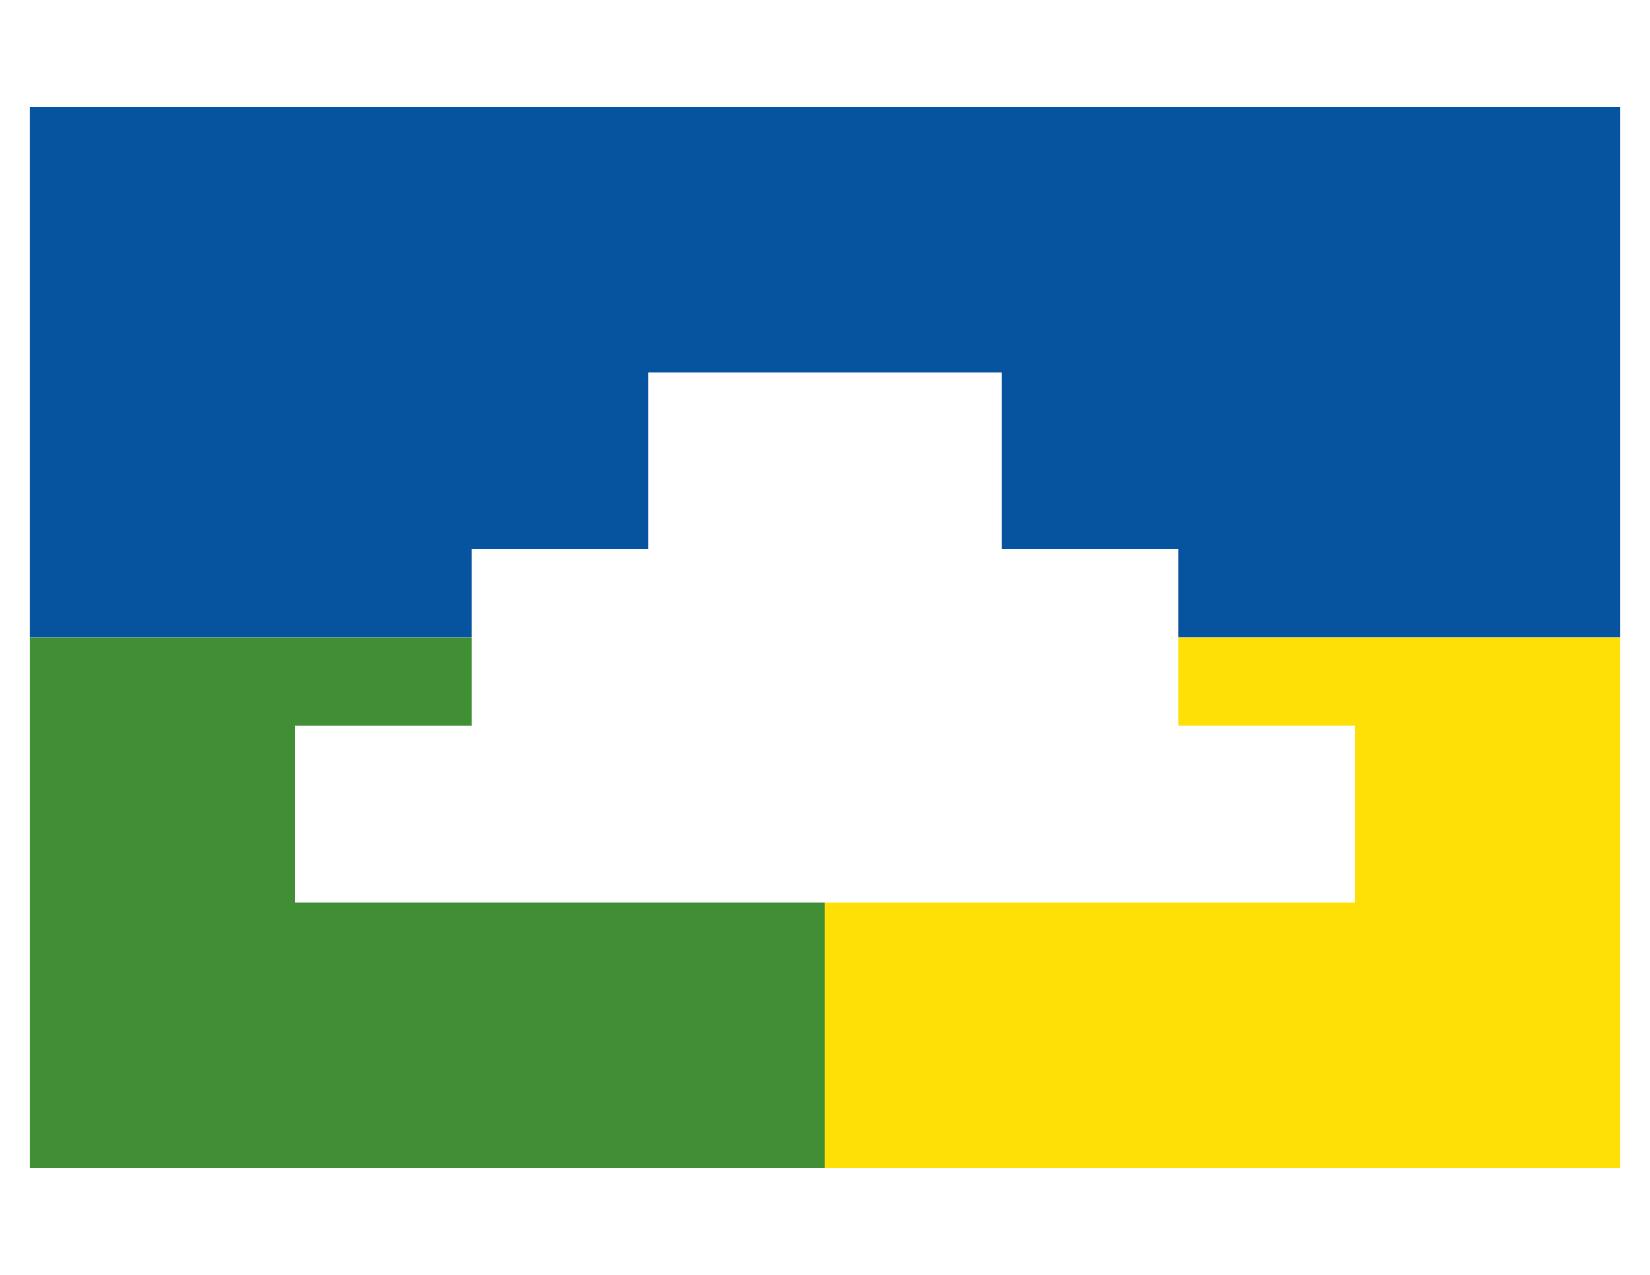 Bandera de Yucatán